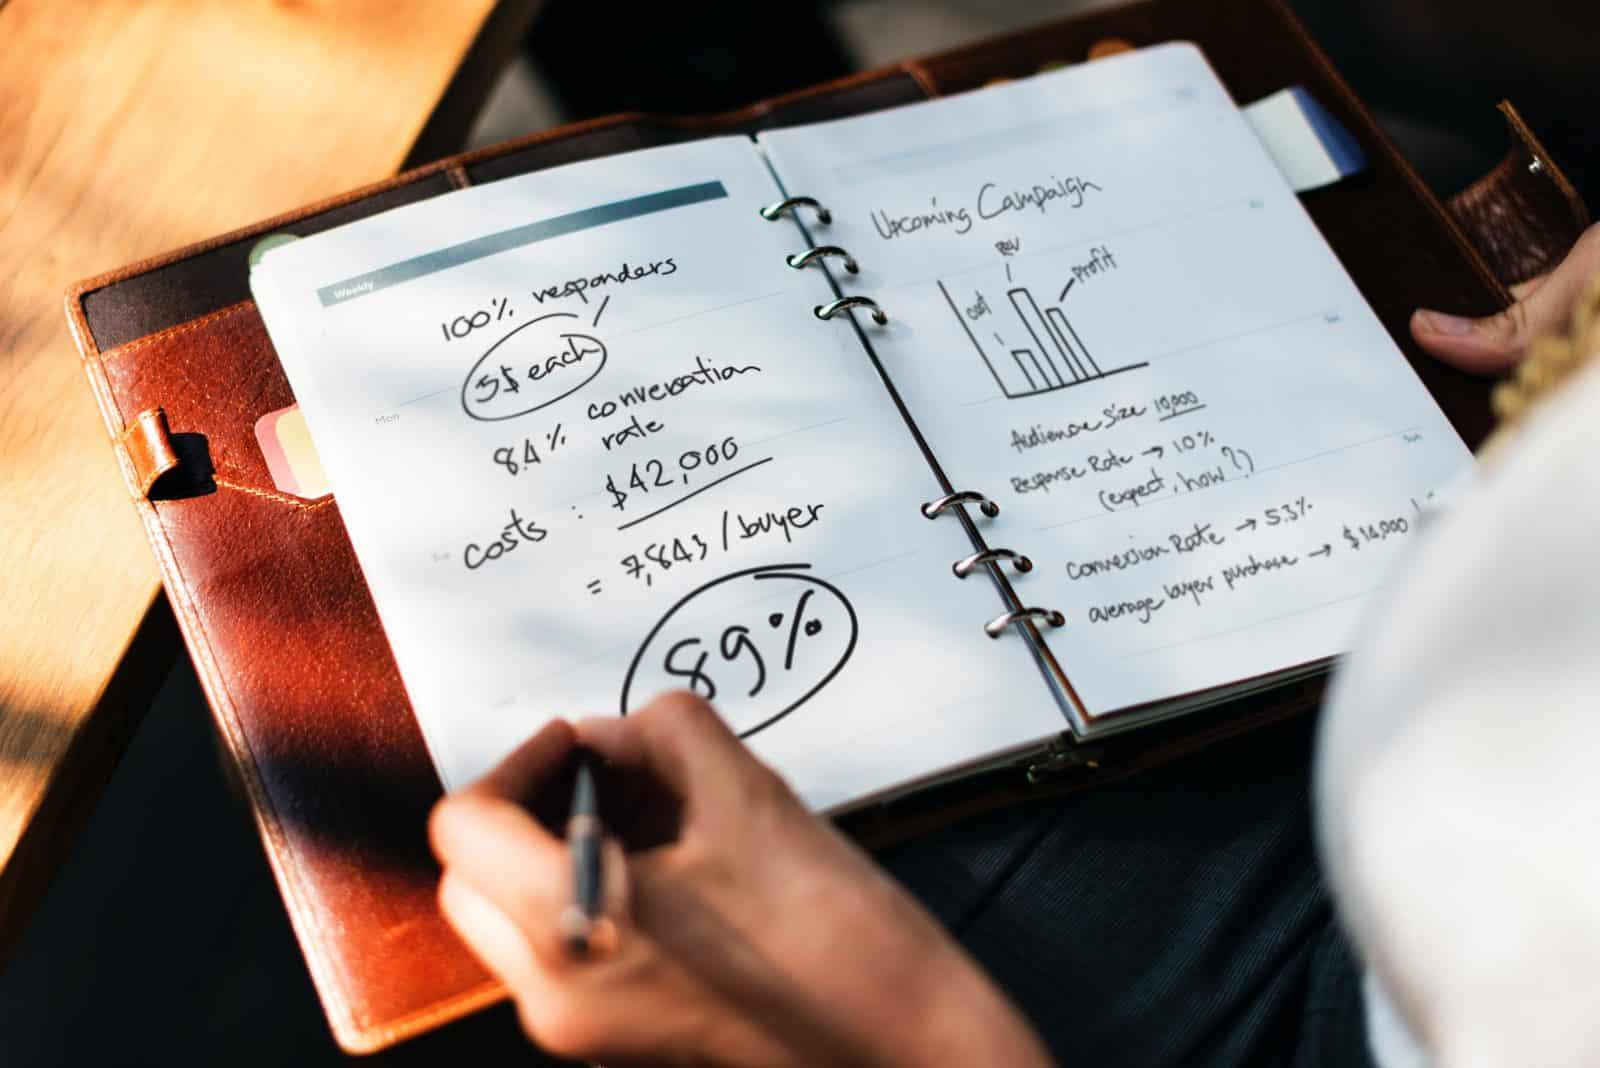 Cara mengatur keuangan usaha, keuangan, finansial, bisnis, UKM, usaha, bisnis UKM, tips keuangan, tips bisnis